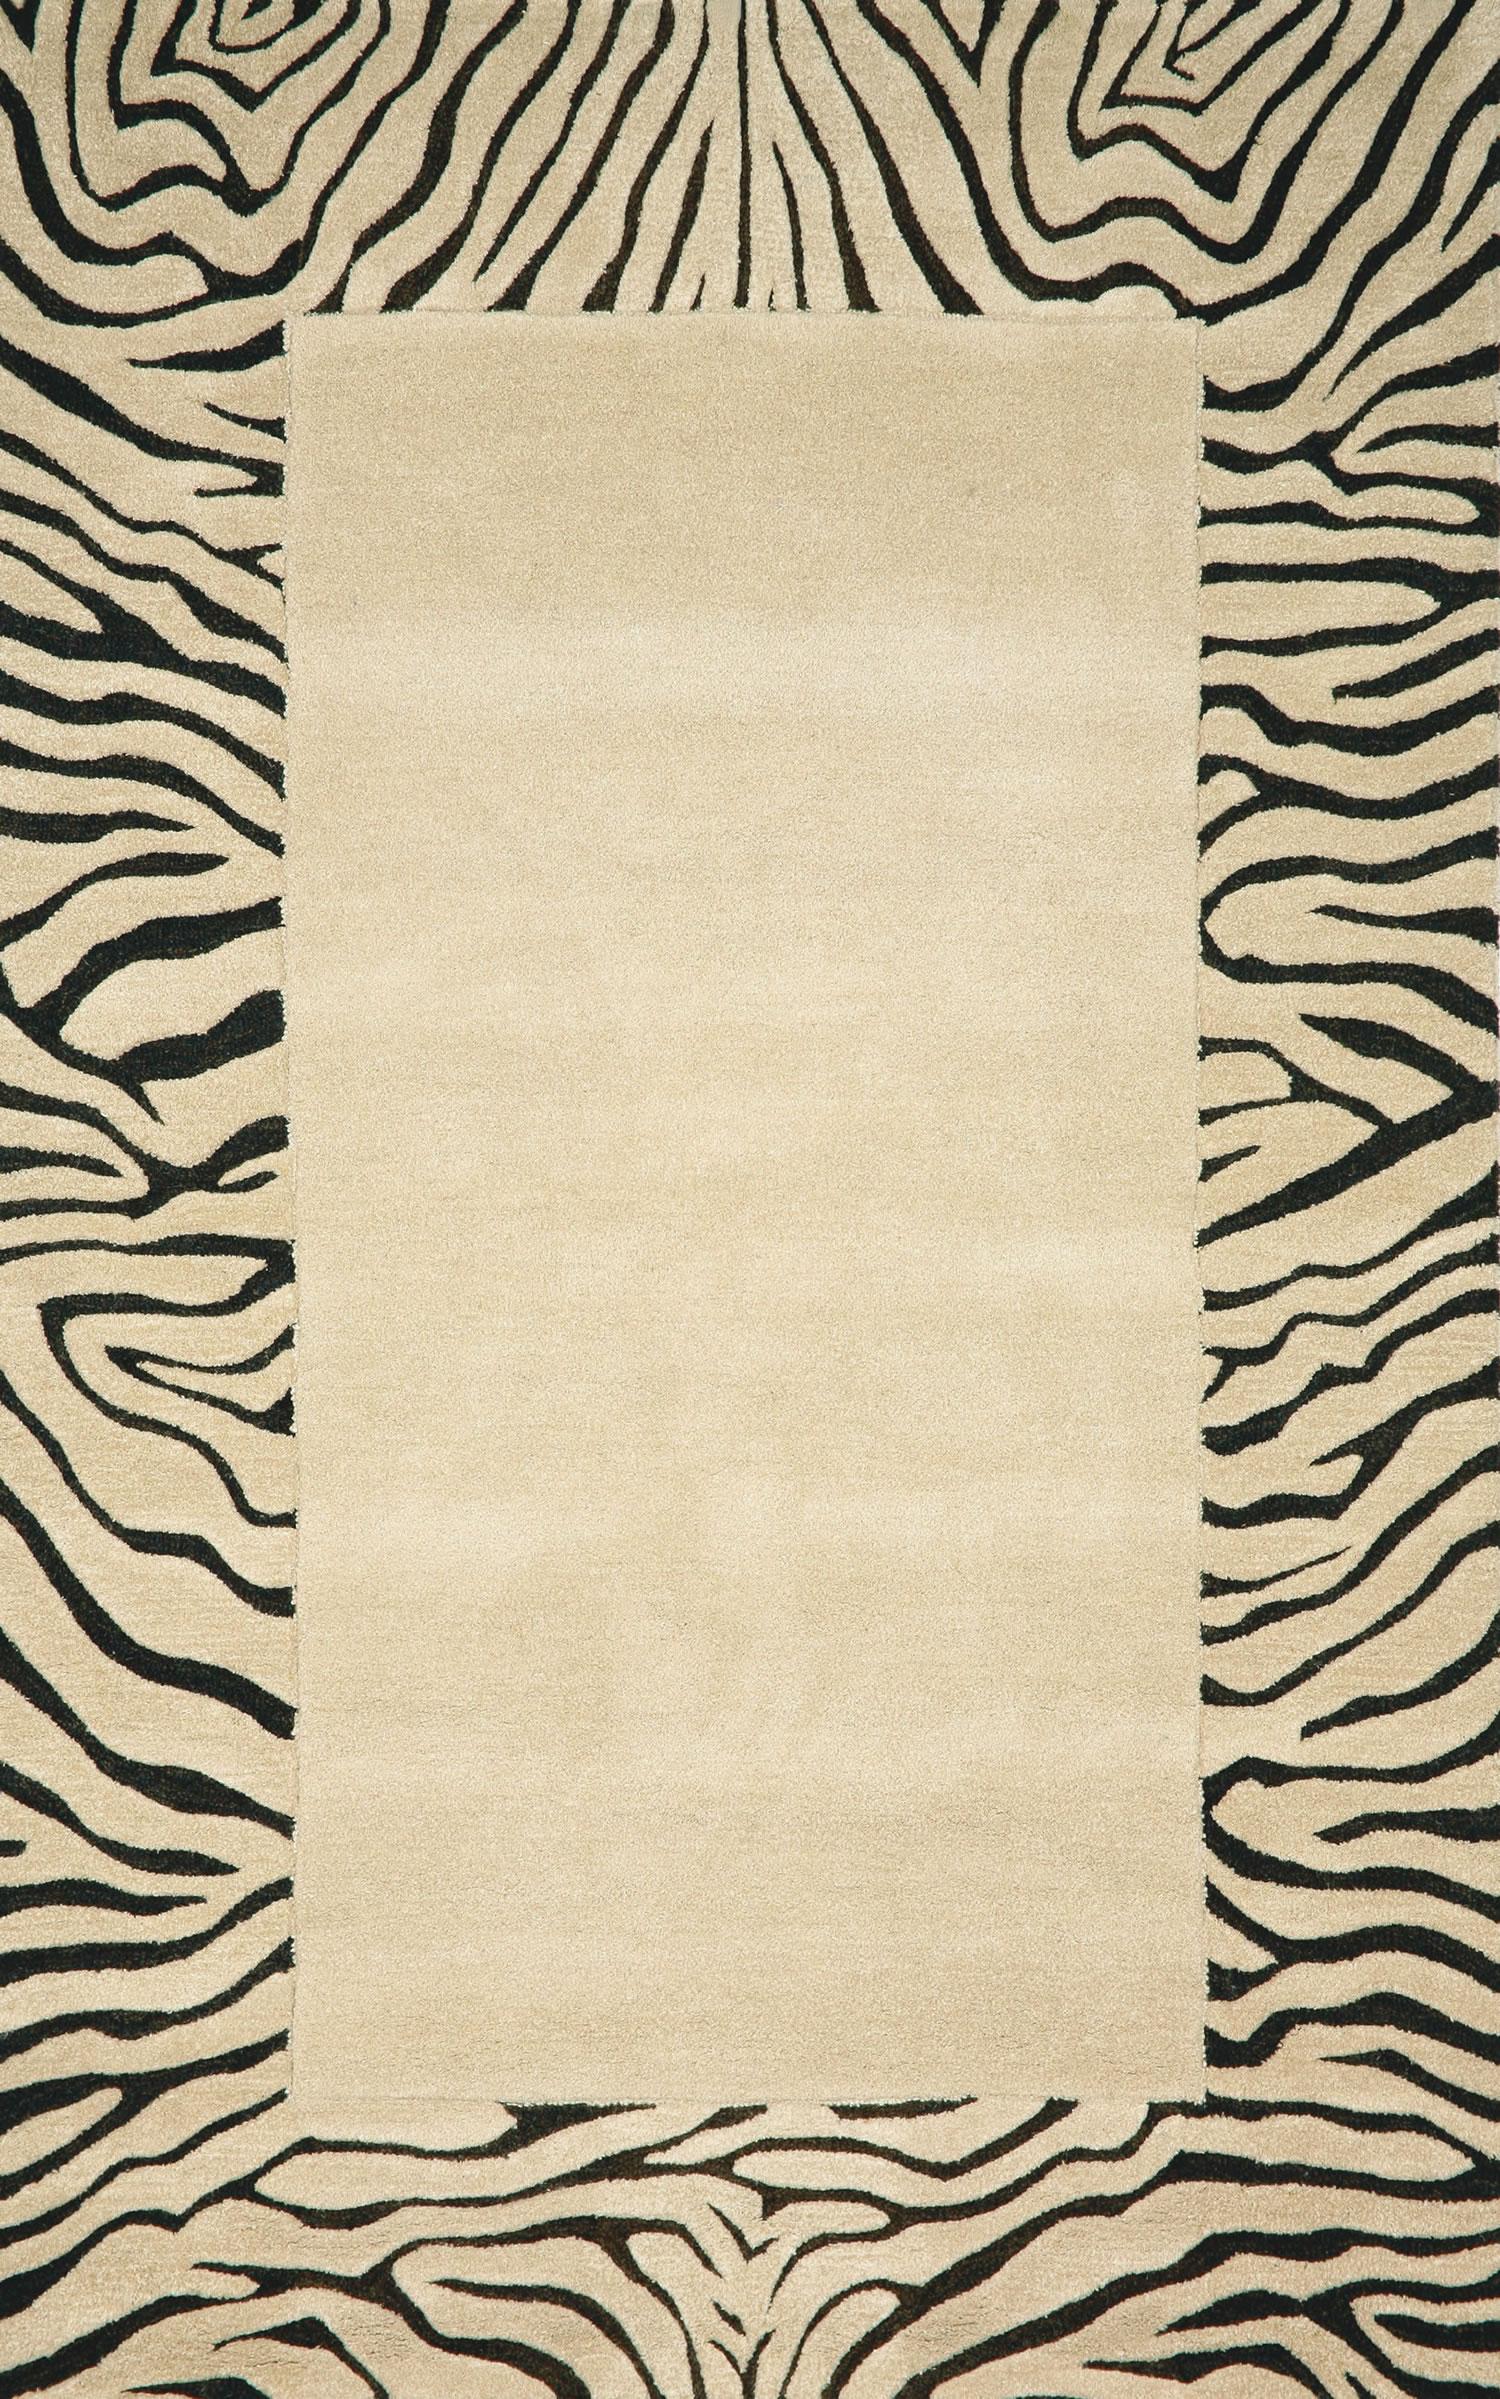 Trans Ocean Seville Zebra Border Rug Plushrugs Com